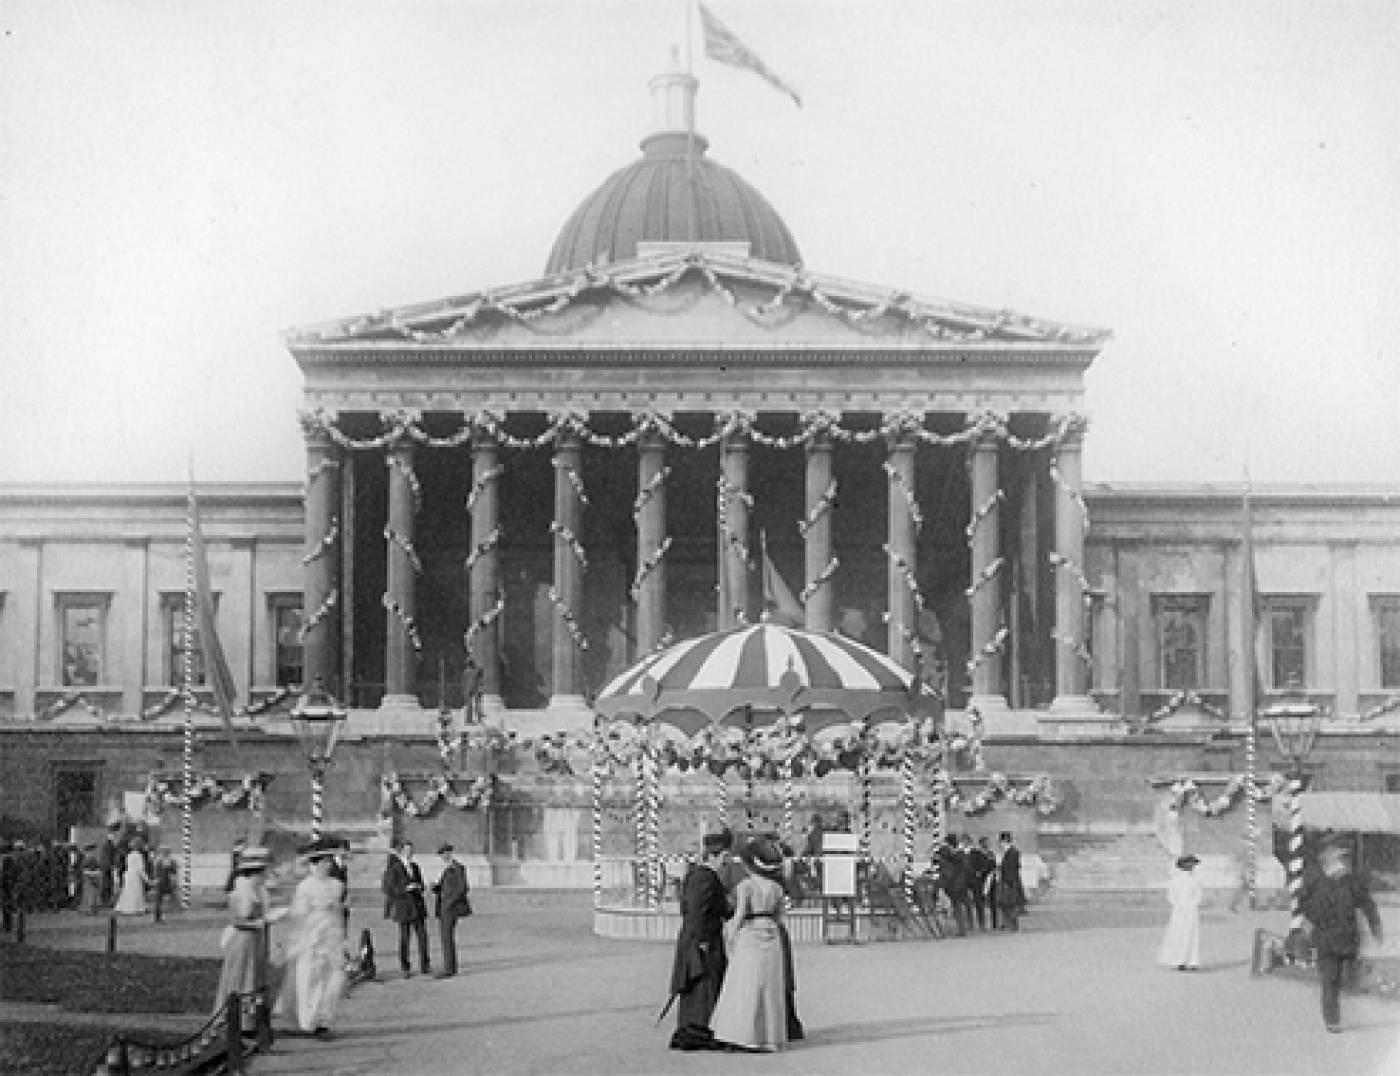 Bazaar and Fete 1909